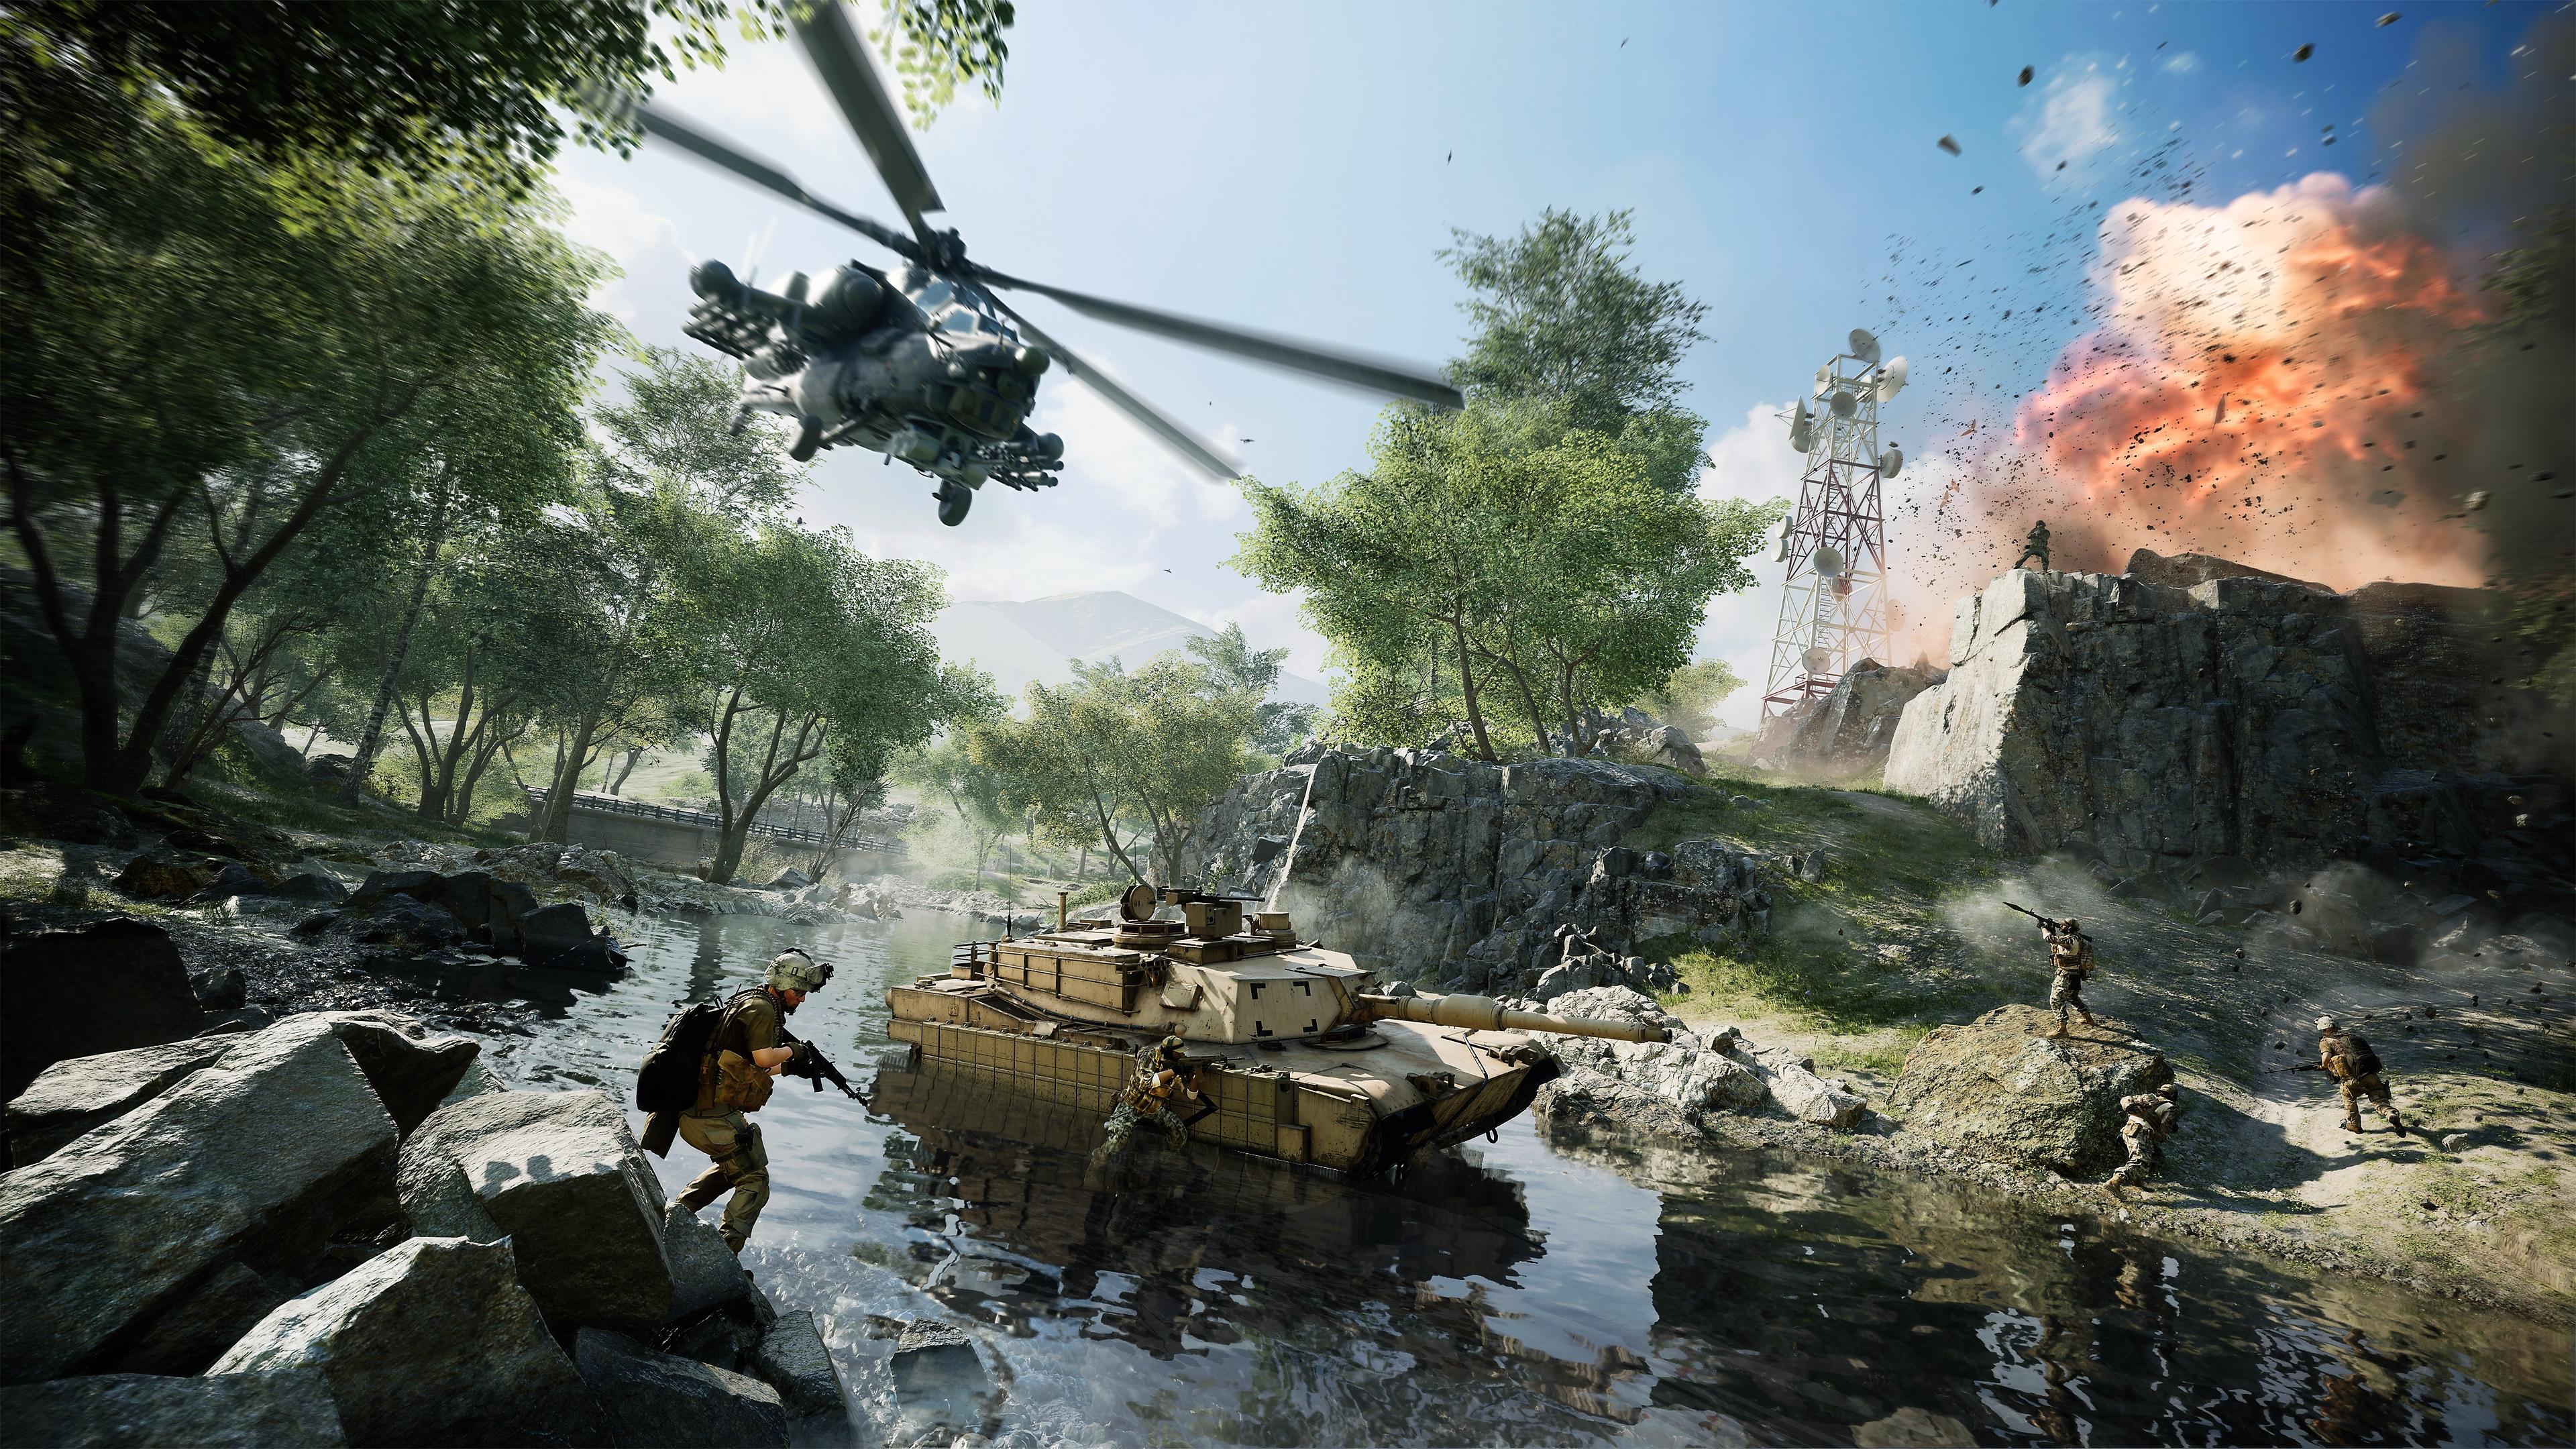 Battlefield Portal - Vidéo montage de l'arsenal